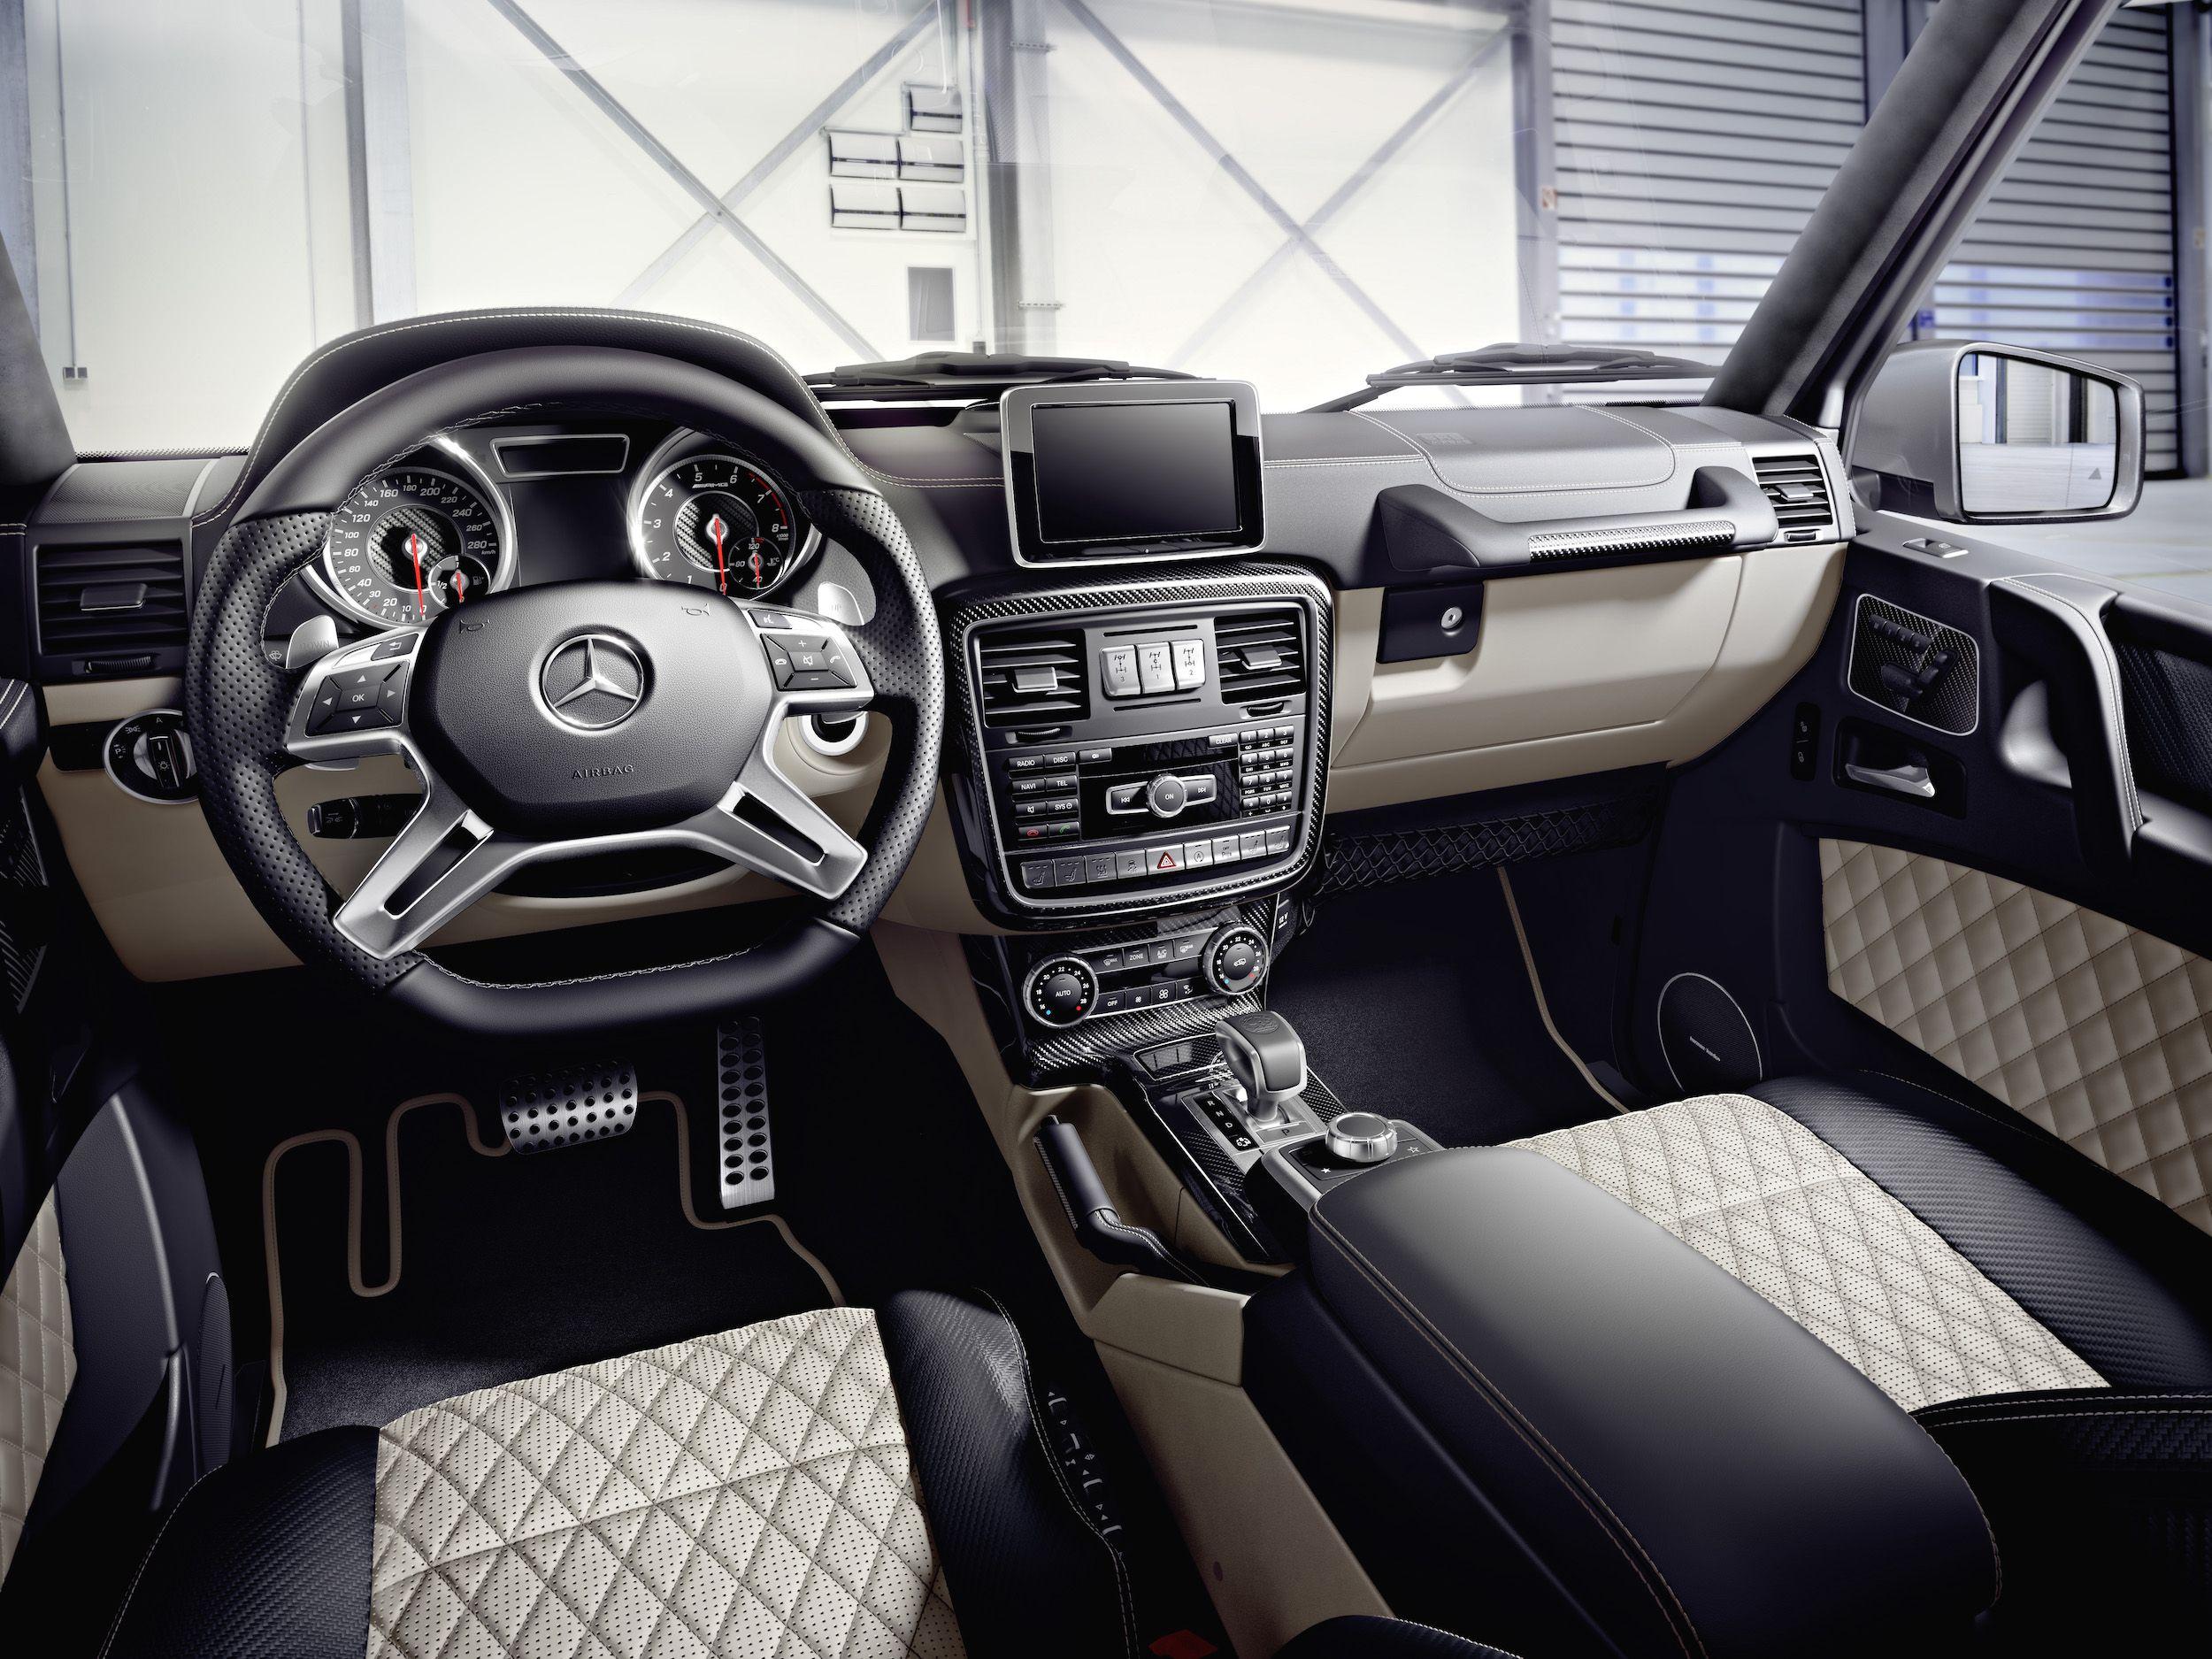 mercedes benz g class br amg g 63 edition interieur designo nappaleder schwarzporzellan zierteile amg carbon interior designo nappa leather - White G Wagon Red Interior